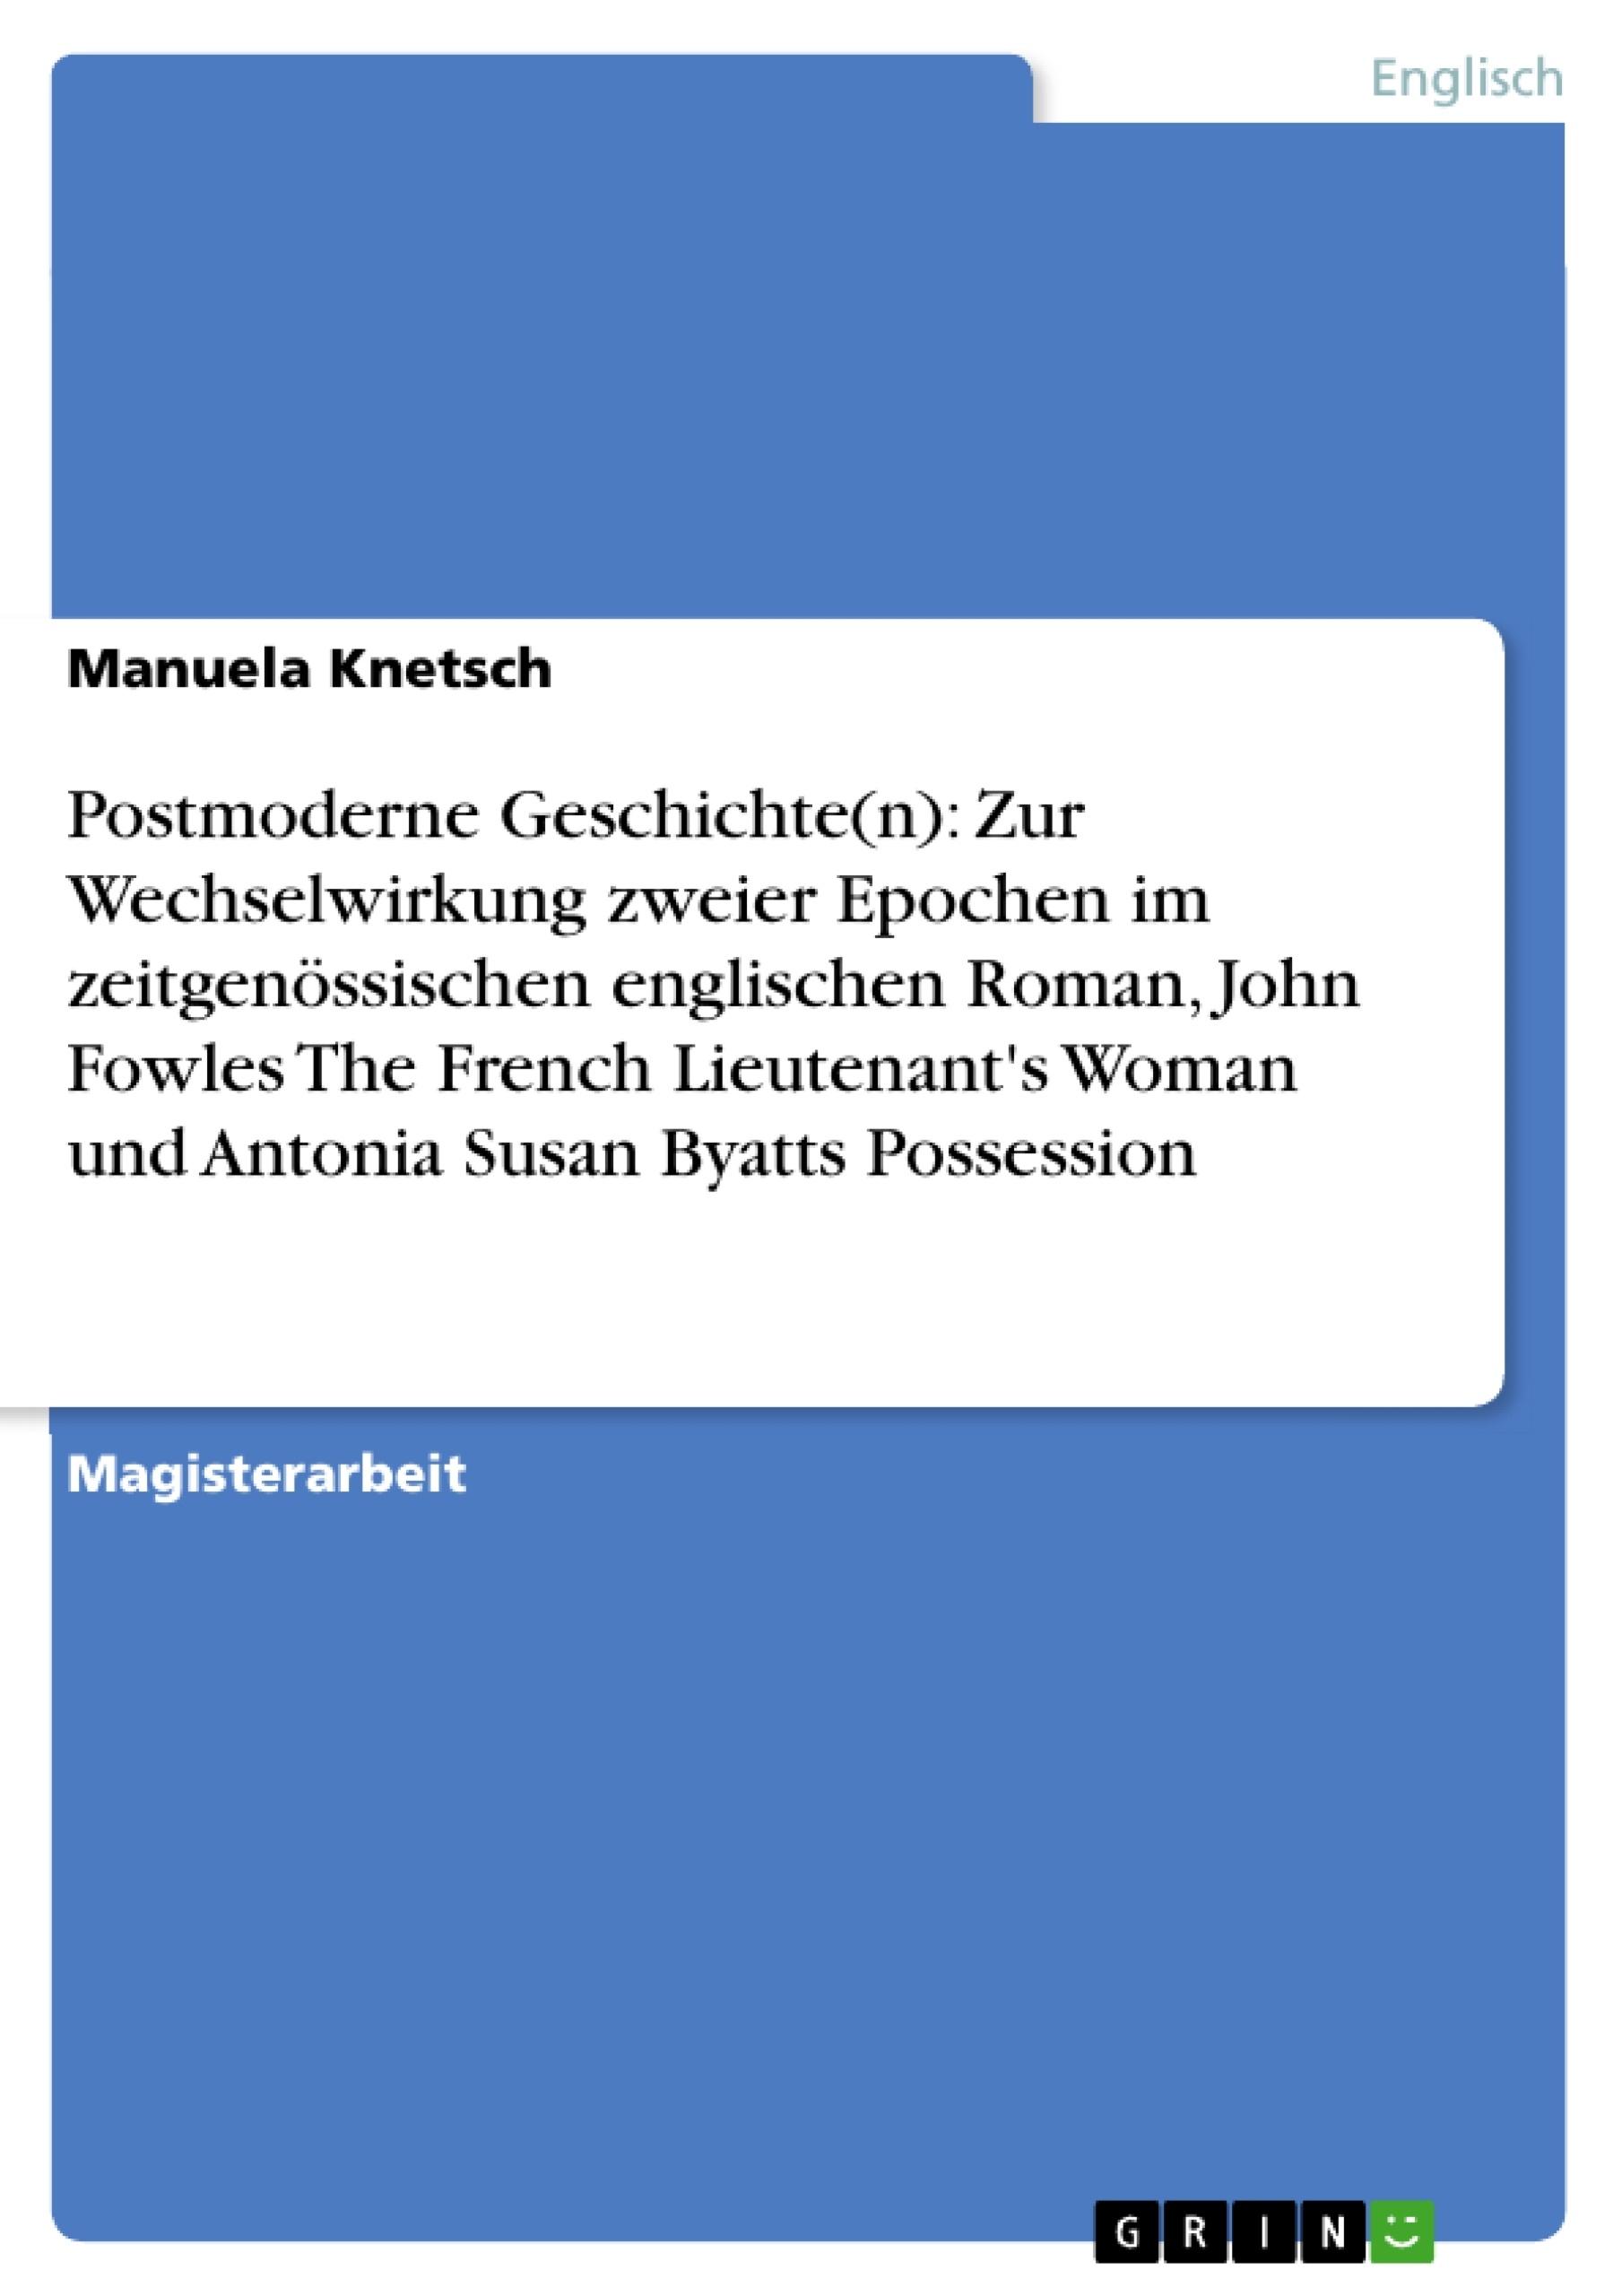 Titel: Postmoderne Geschichte(n): Zur Wechselwirkung zweier Epochen im zeitgenössischen englischen Roman, John Fowles  The French Lieutenant's Woman und Antonia Susan Byatts Possession